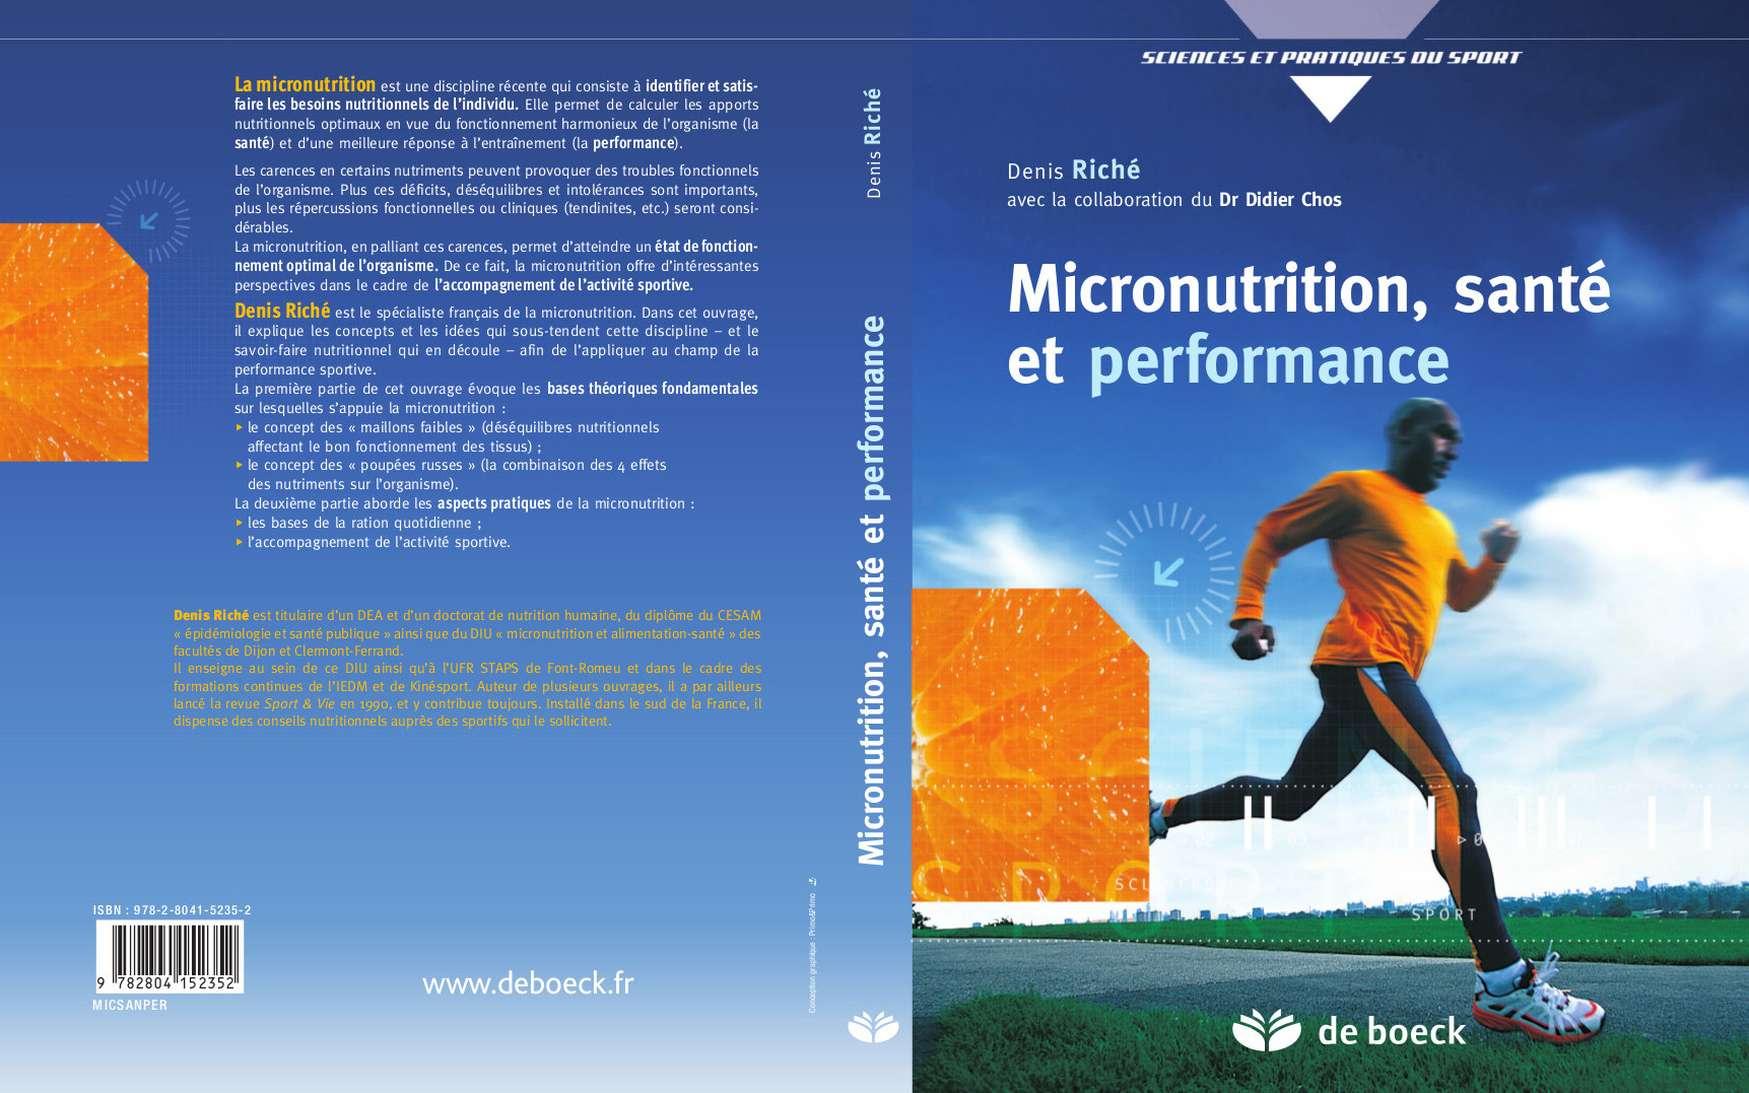 Découvrez les bases théoriques de la micronutrition ainsi que ses aspects pratiques. © De Boeck